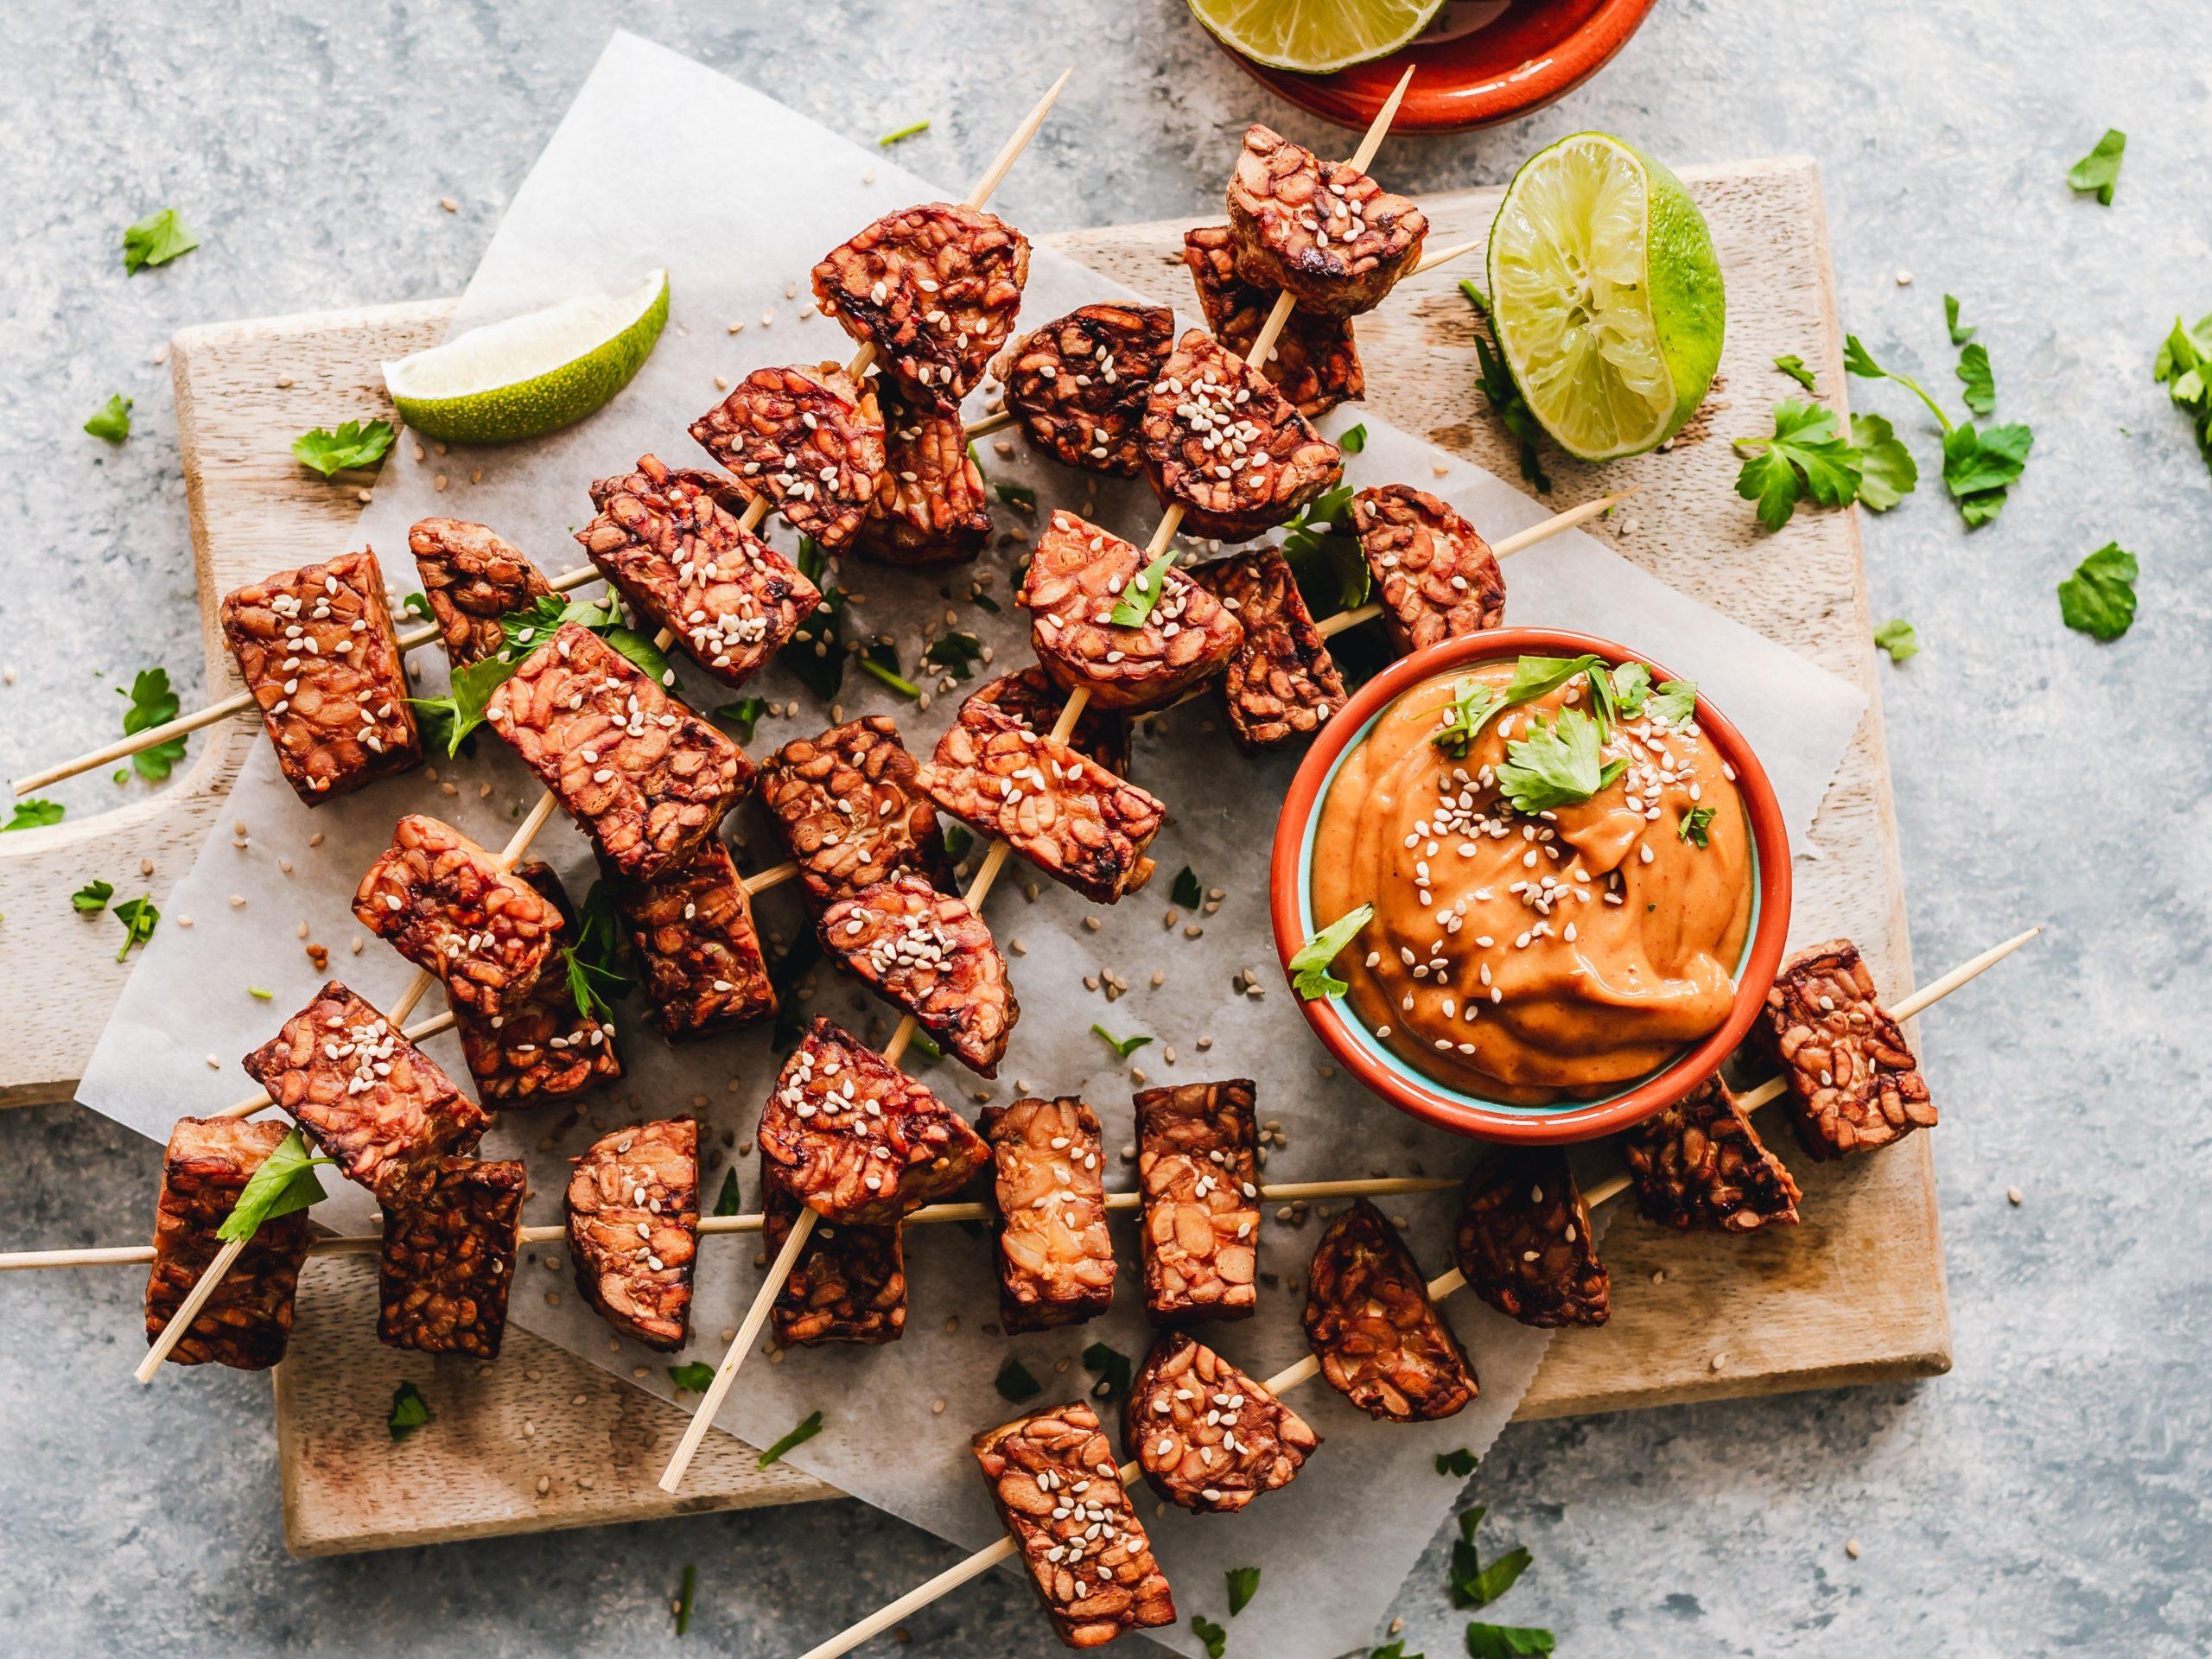 Brochettes de tempeh mariné et sauce cacahuètes